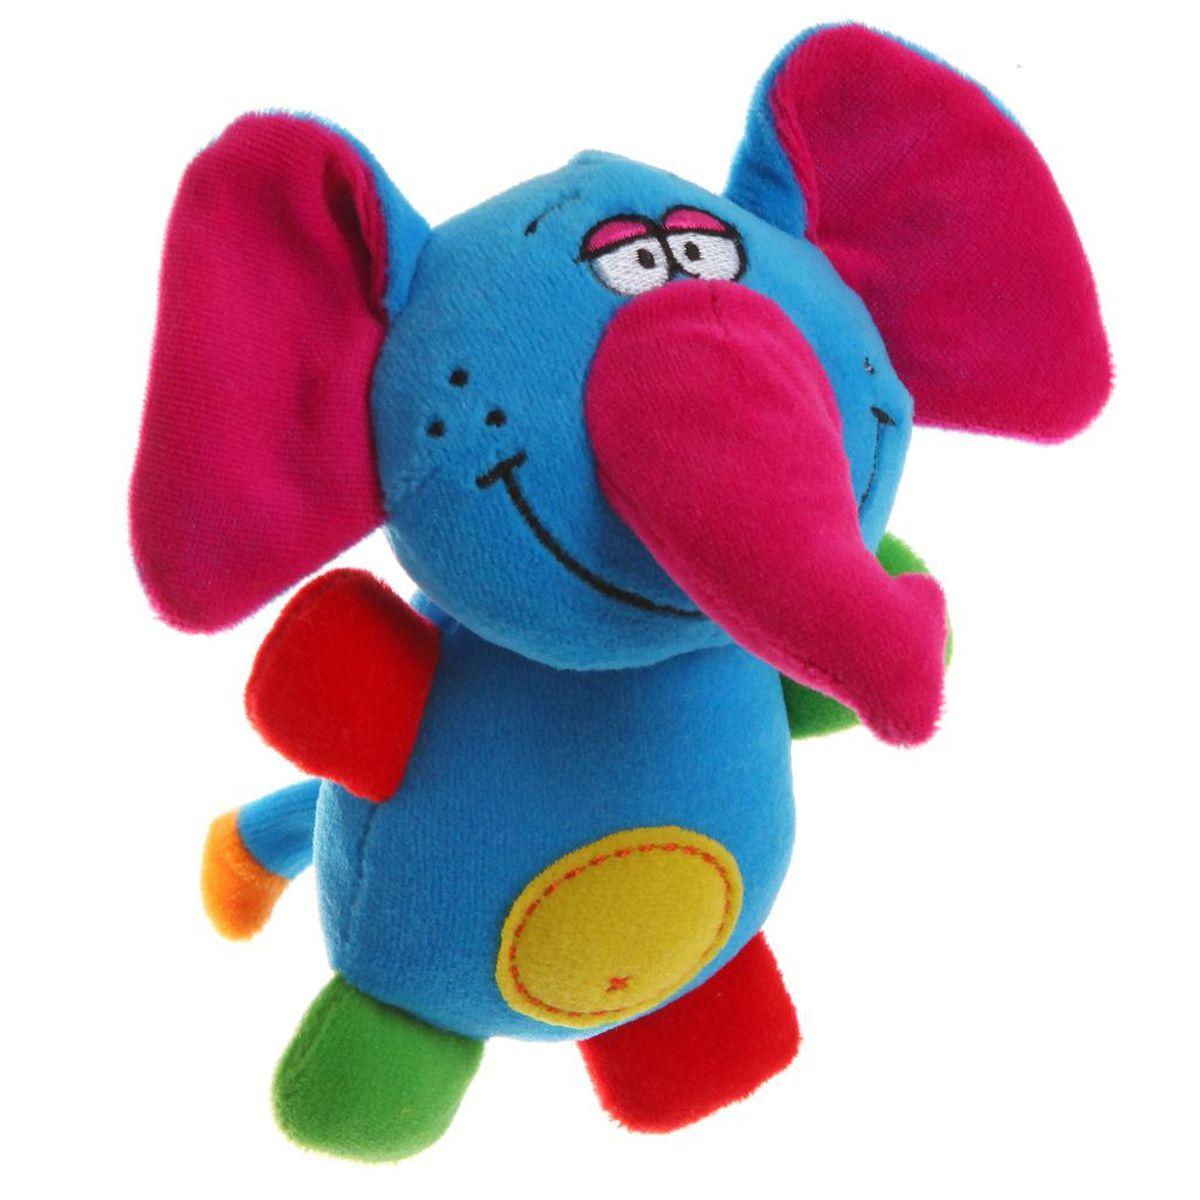 Bondibon Мягкая игрушка-погремушка СлонВВ1280Мягкие погремушки становятся самыми любимыми игрушками малышей в первые месяцы жизни. Именно погремушки передают крохам первый визуальный и тактильный опыт, а также учат находить взаимосвязь - если потрясти погремушку, то возникнет звук! Погремушка имеет форму слона и выполнена из безопасного и яркого материала. Без сомнения, эти игрушки понравятся вашему ребенку!